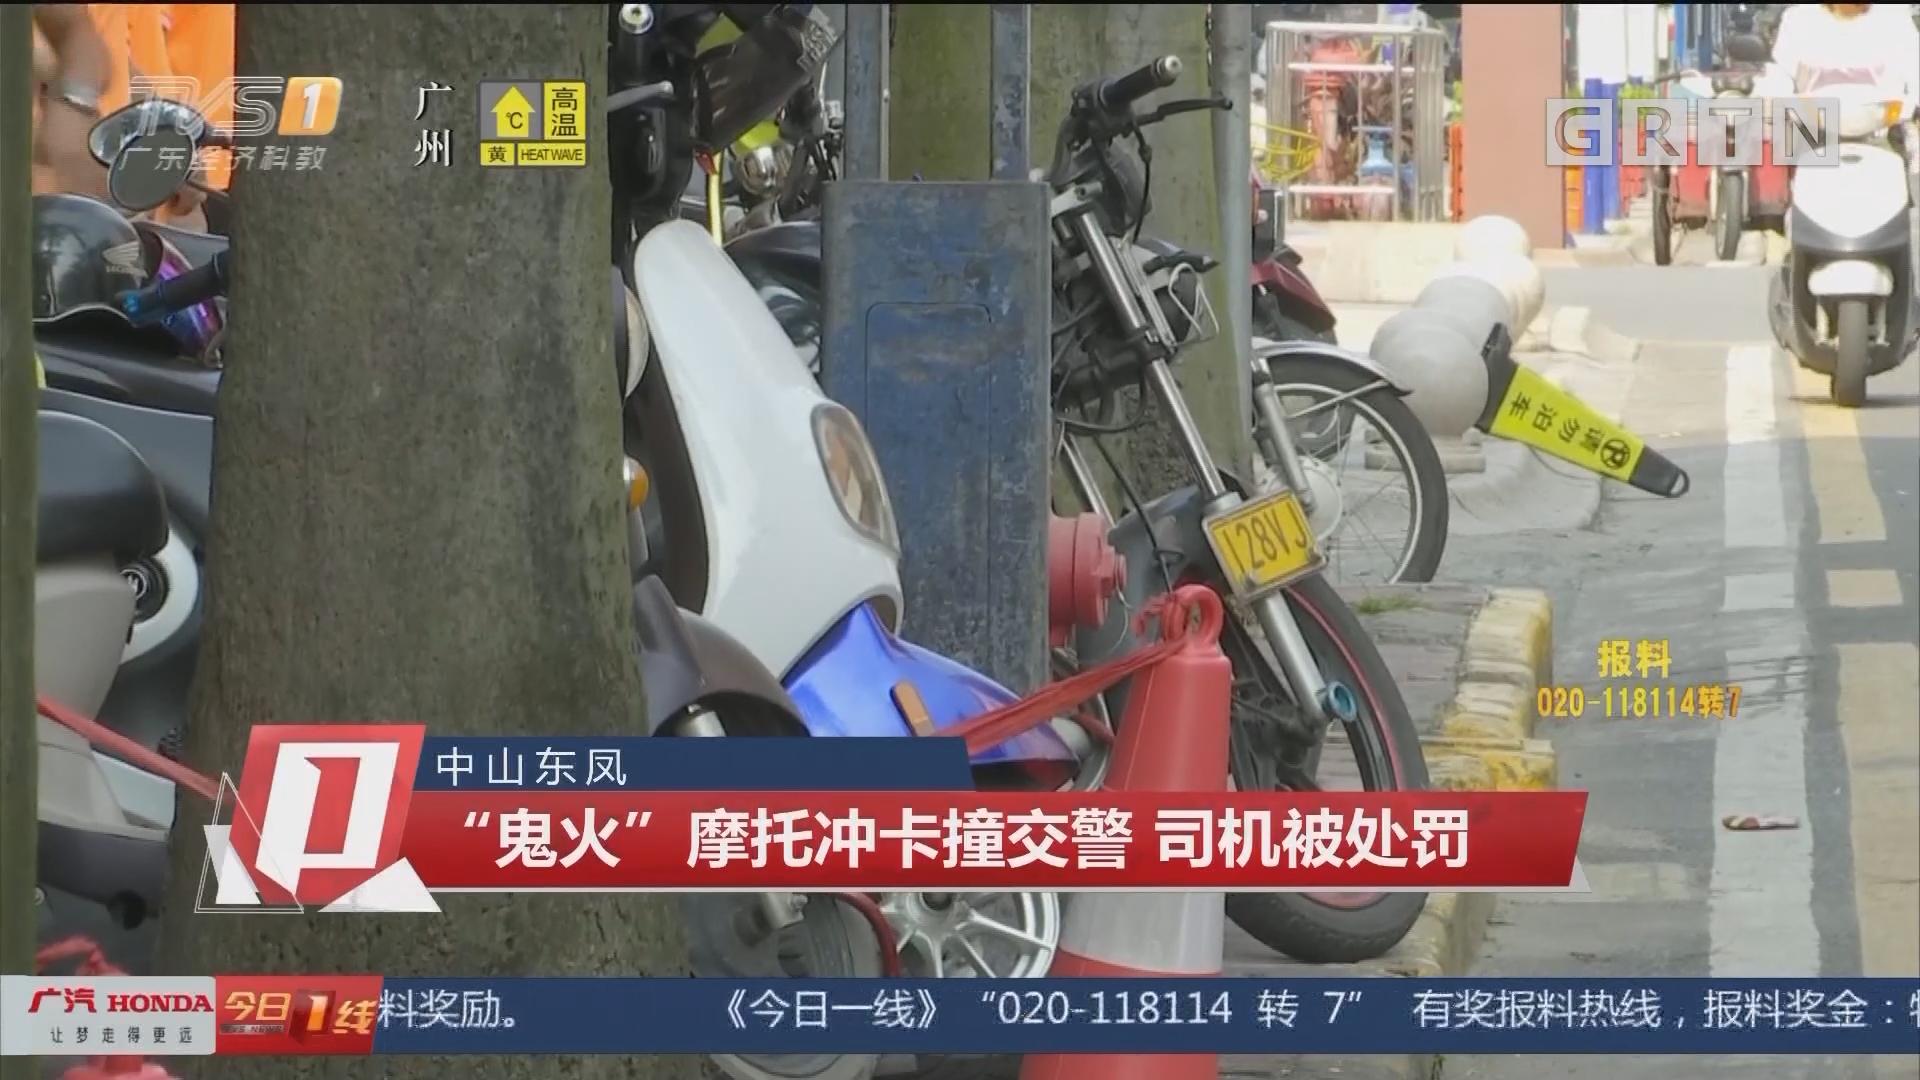 """中山东凤 """"鬼火""""摩托冲卡撞交警 司机被处罚"""